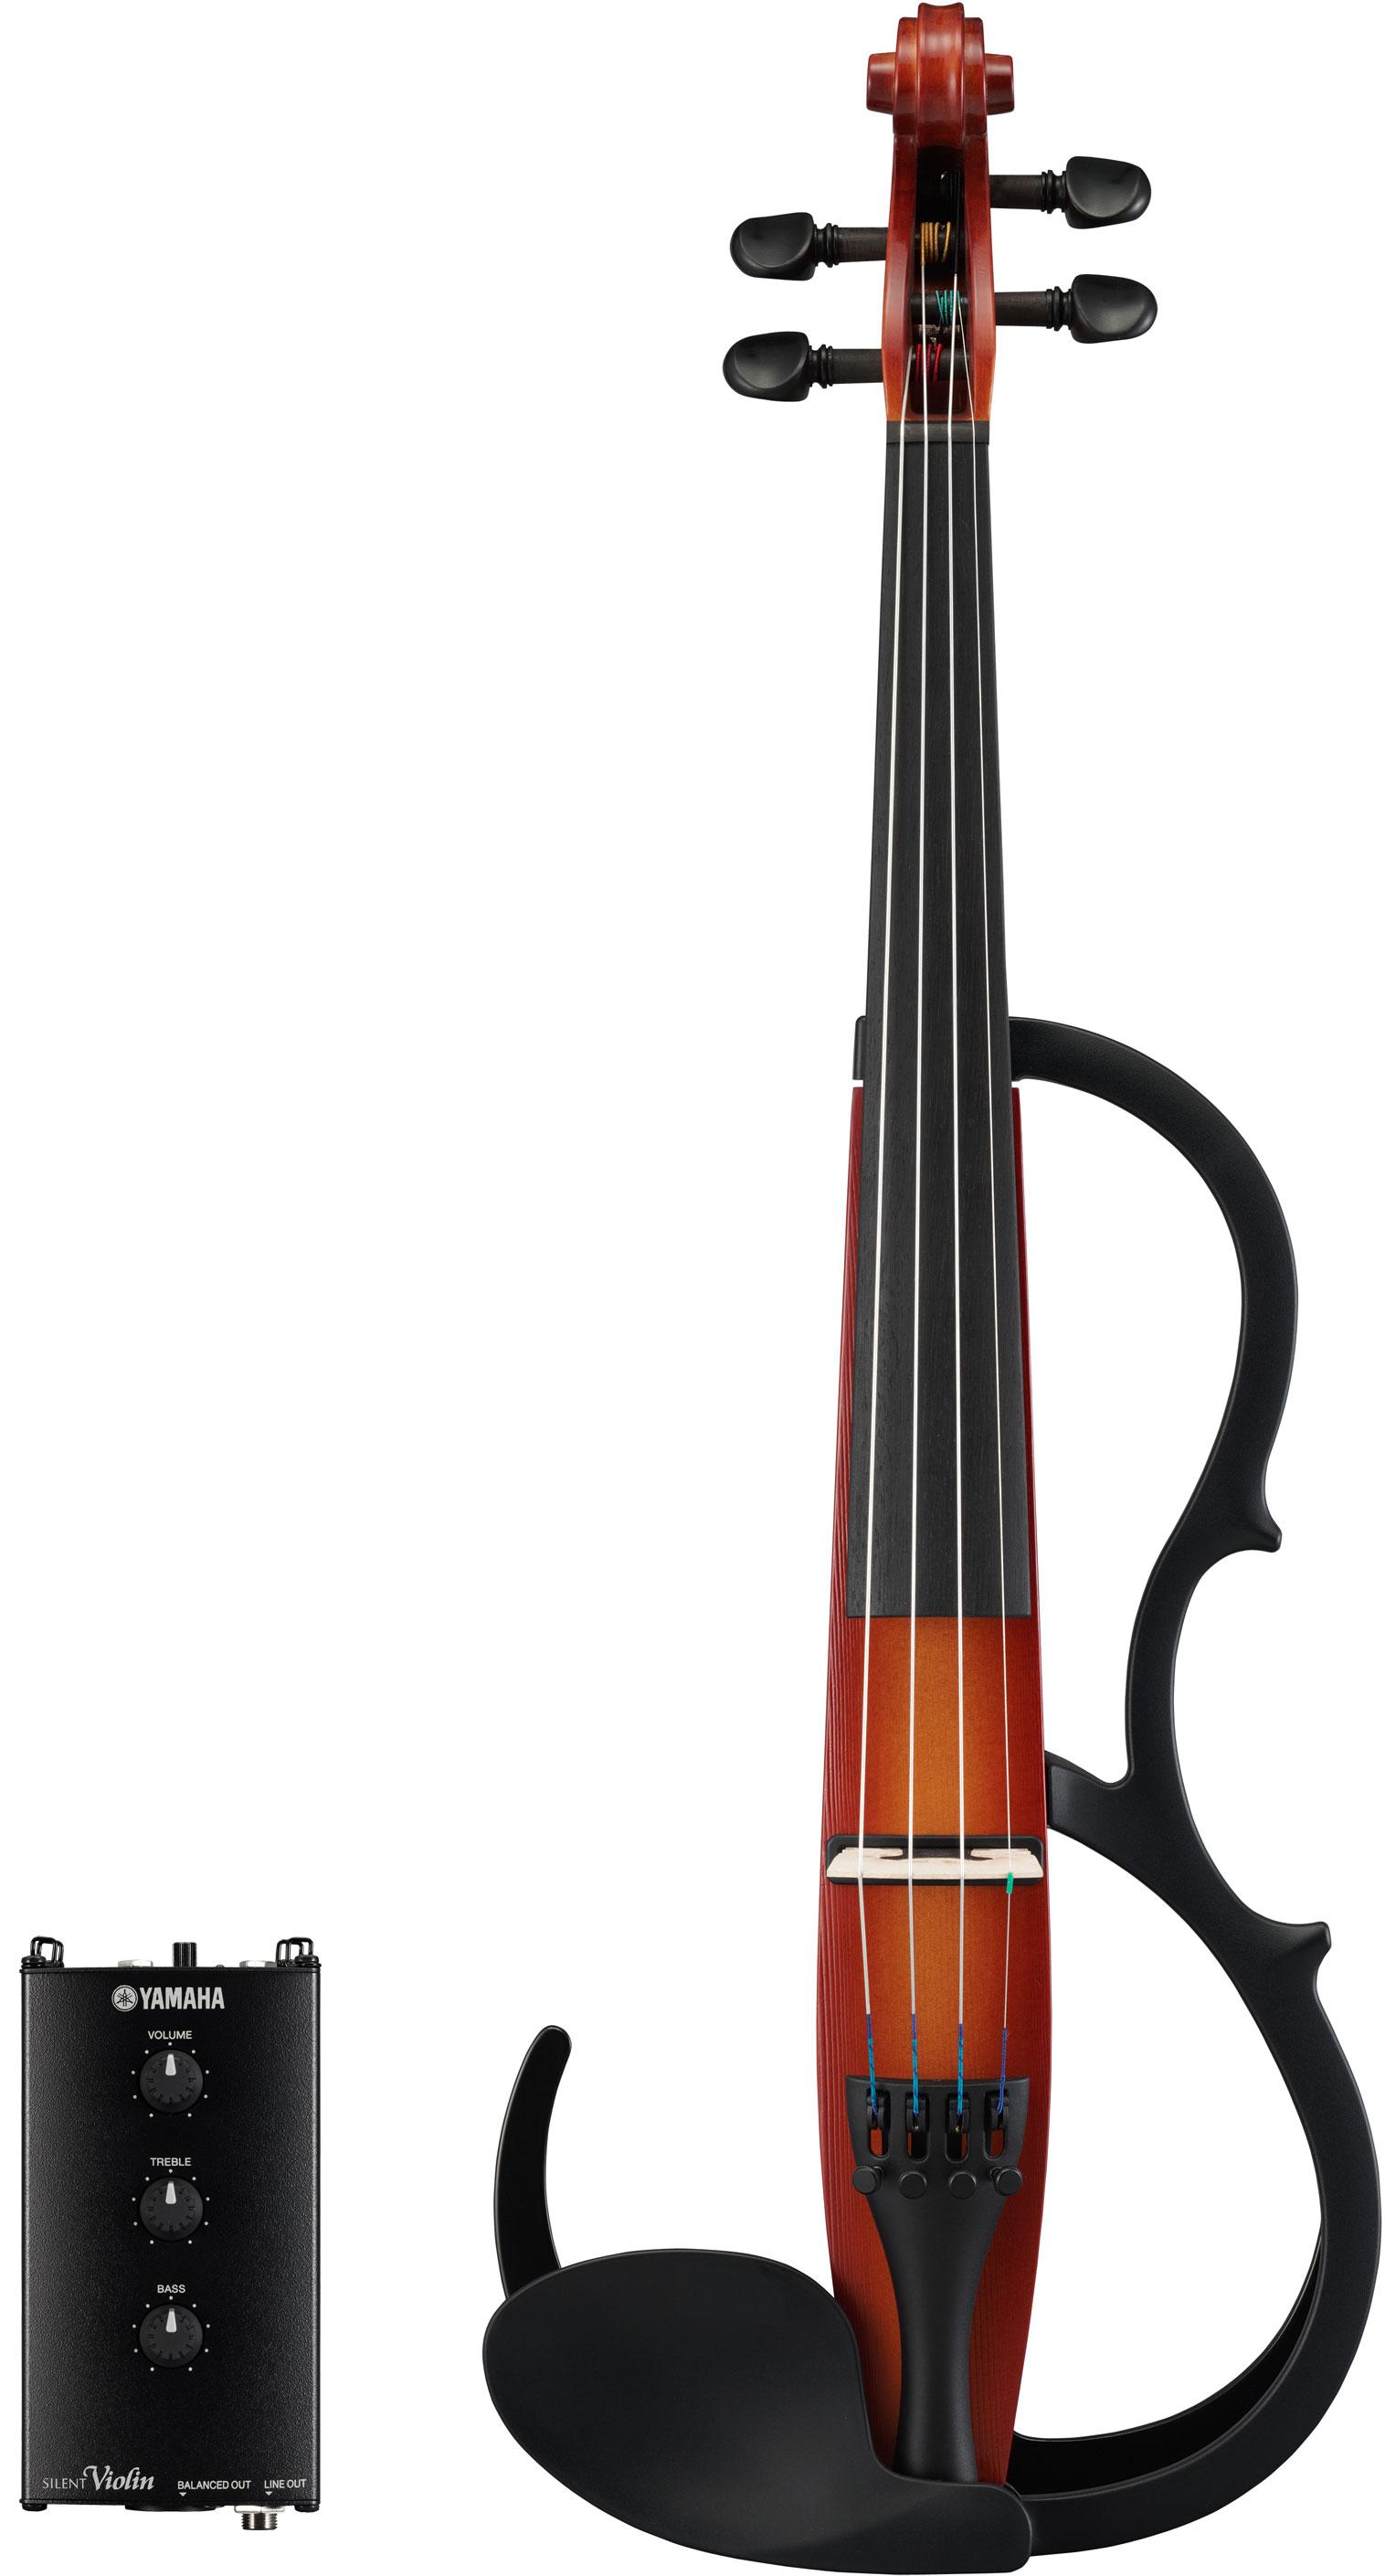 电小提琴价格_电子小提琴雅马哈哪个牌子好